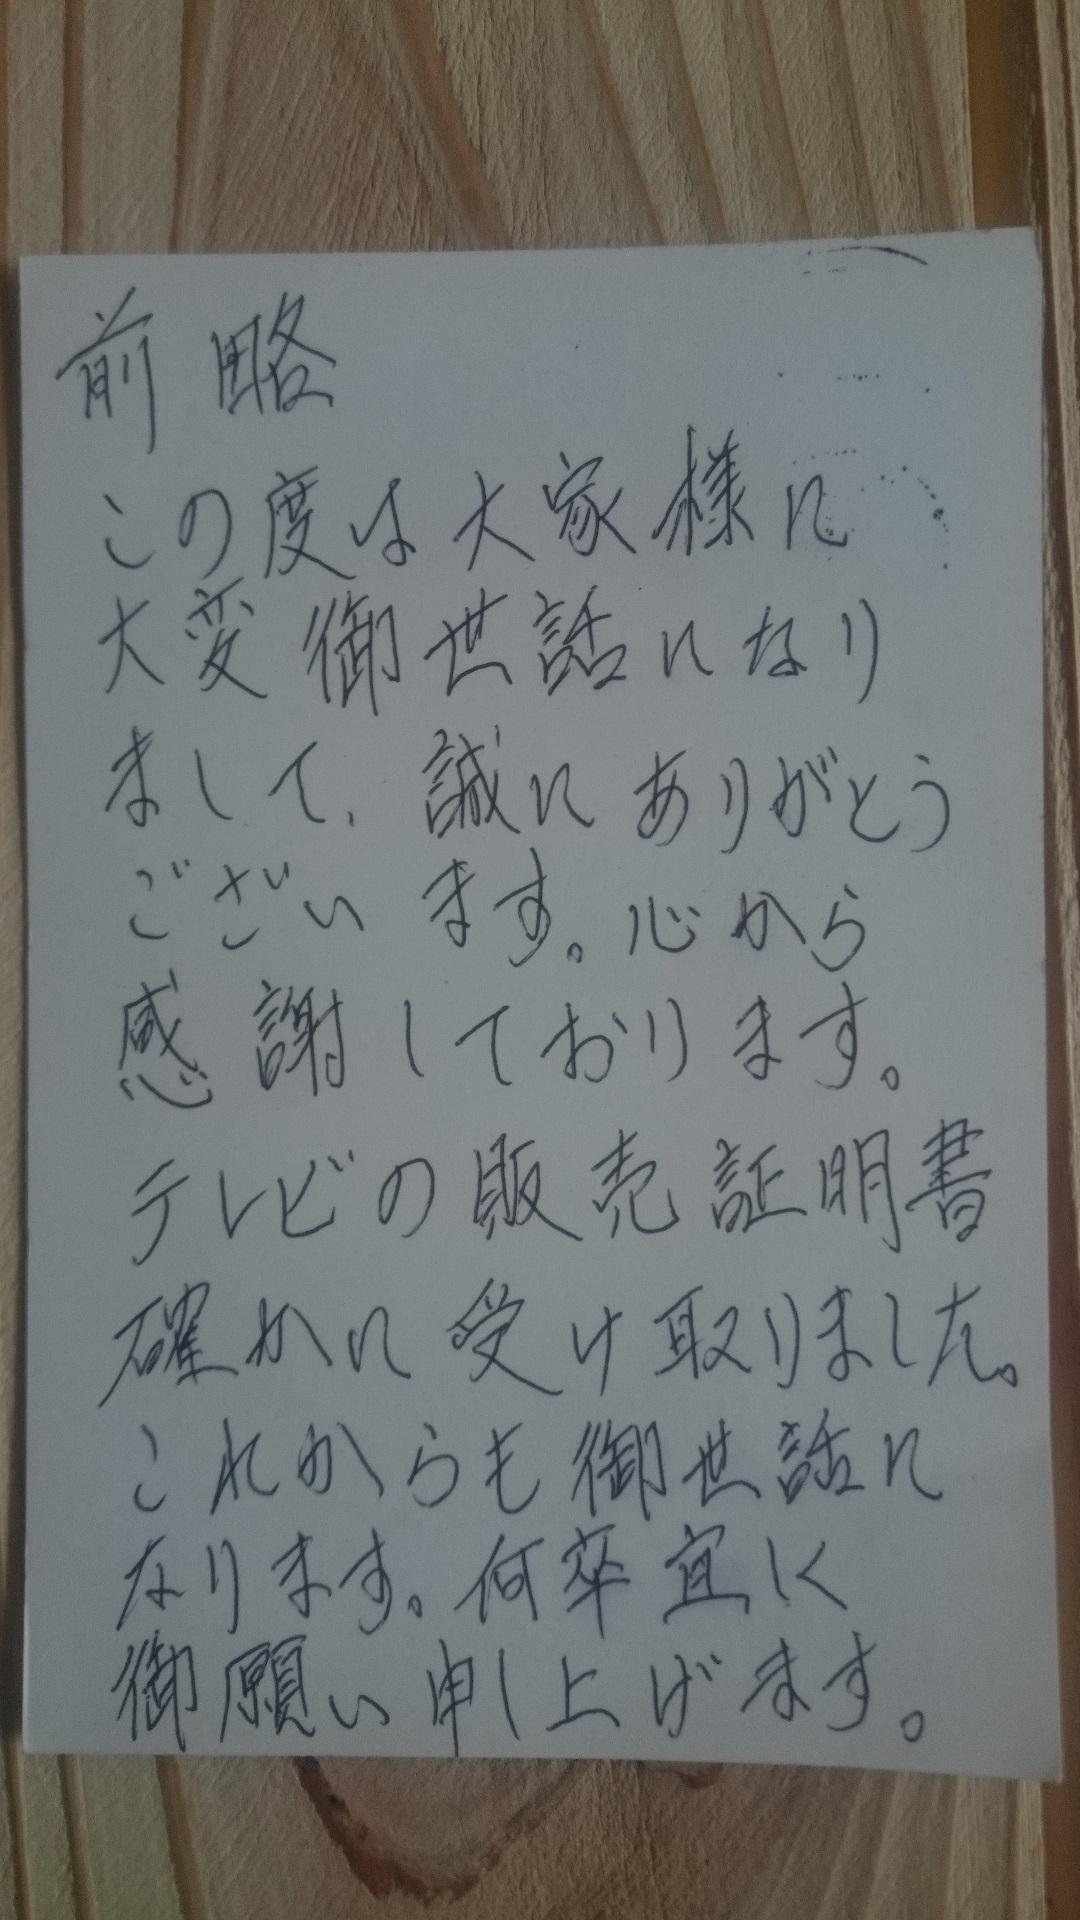 0118私が注目している方:榊淳司さん